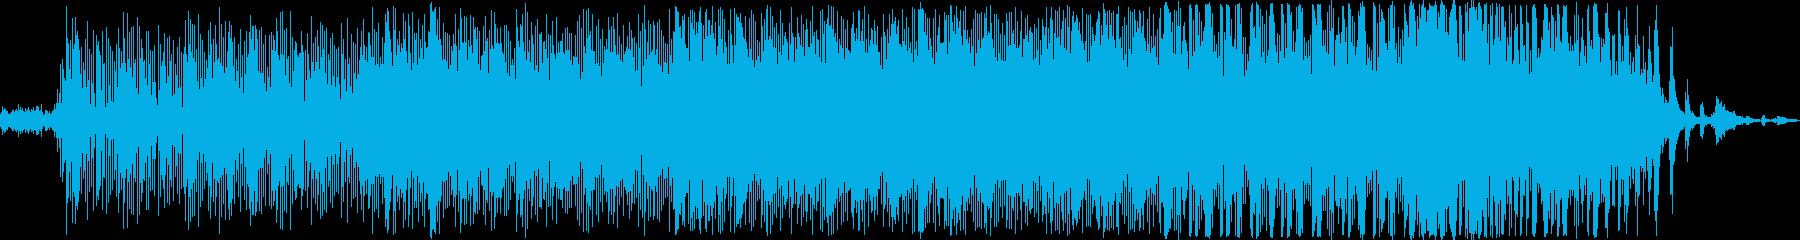 なめらか、リラックス、反射、しつこ...の再生済みの波形